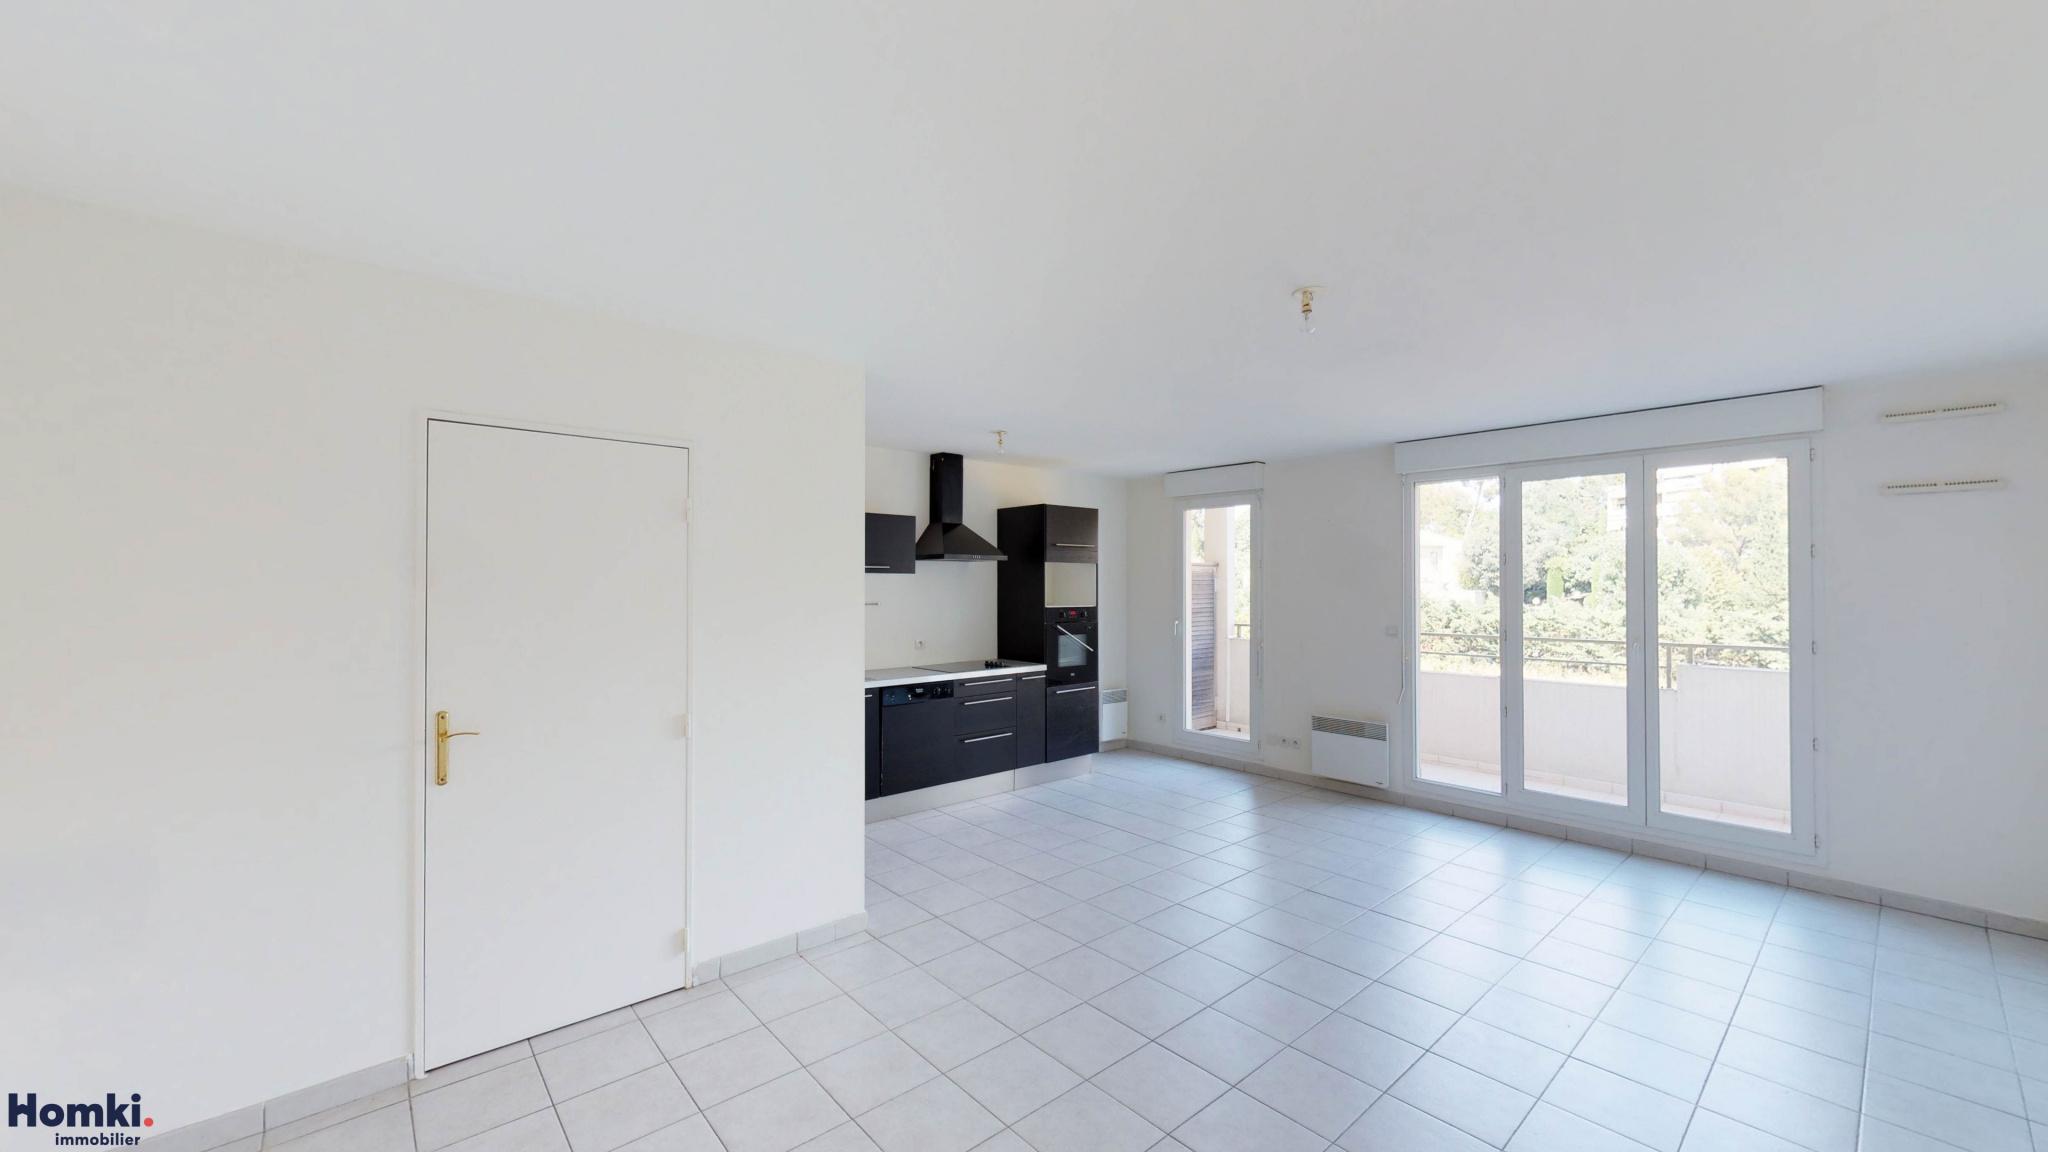 Homki - Vente appartement  de 53.45 m² à marseille 13009